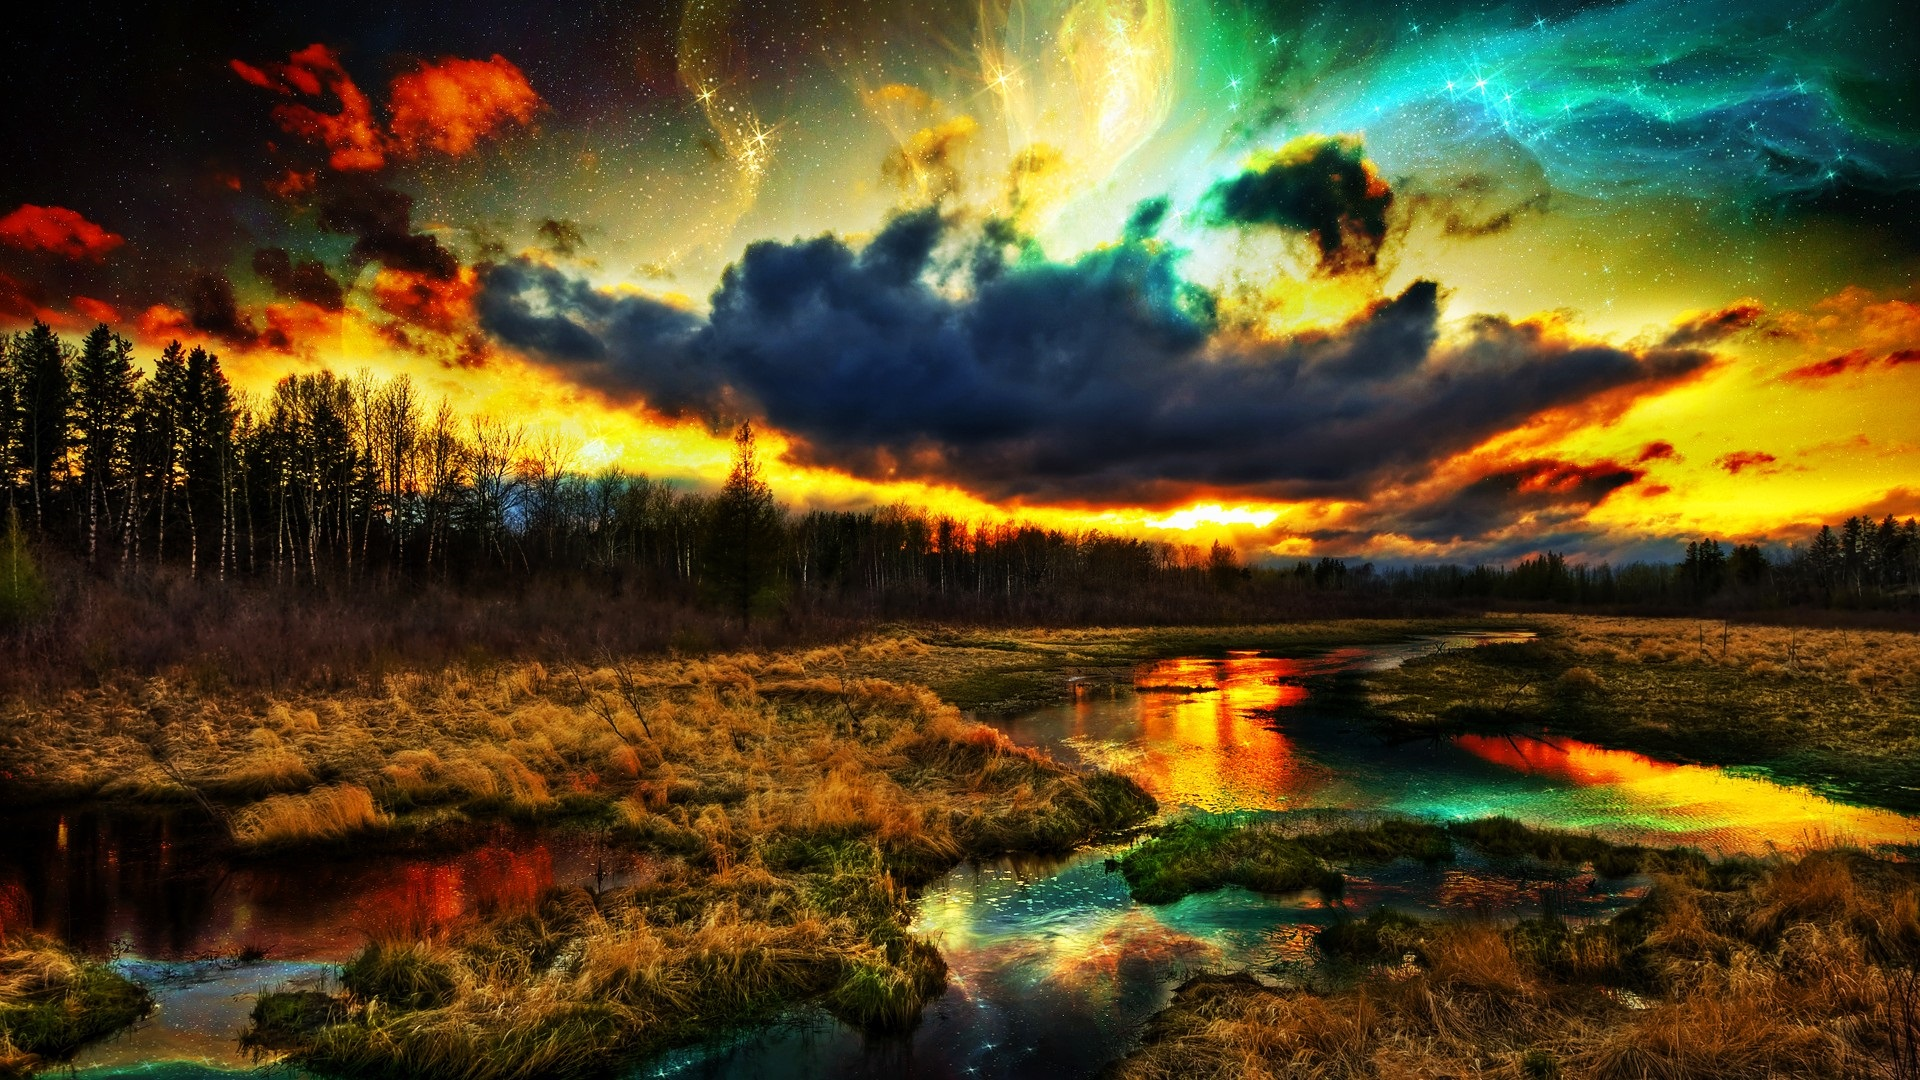 Favoritos Paisagem natural bonita, grama, árvores, rio, nuvens, colorido  EB47